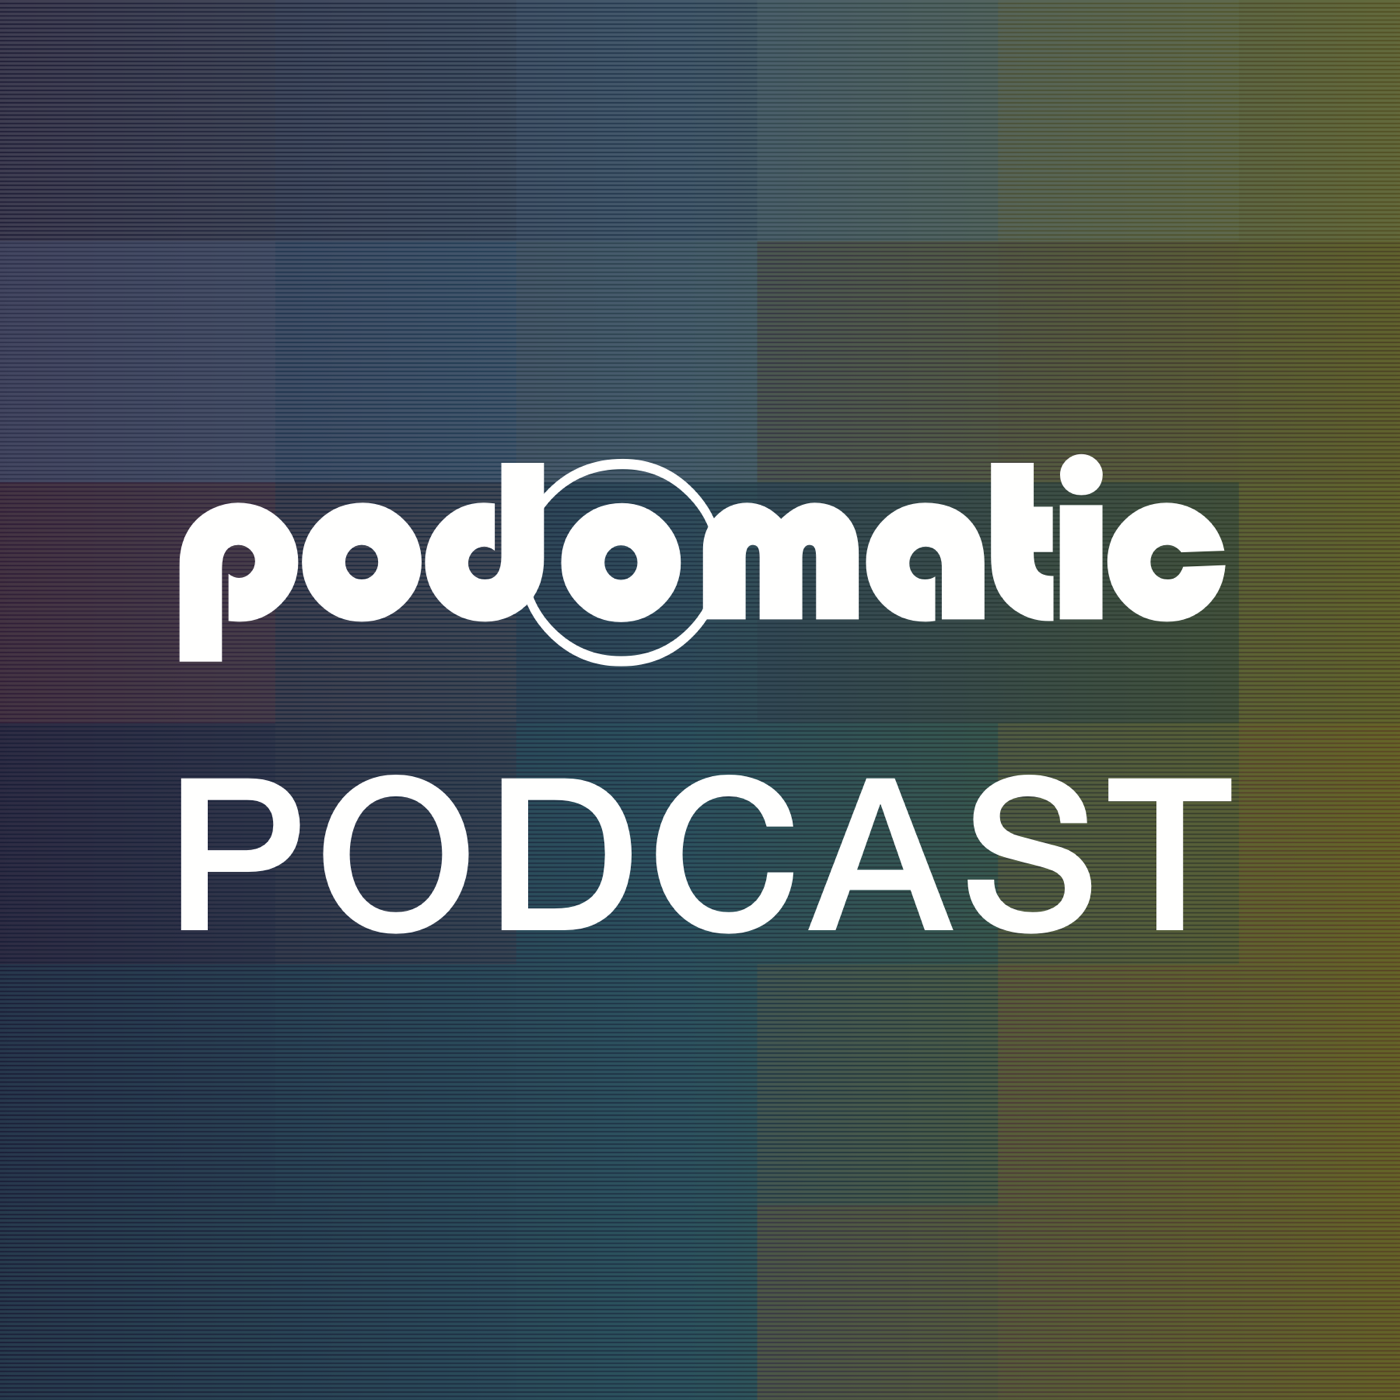 charles felten's Podcast